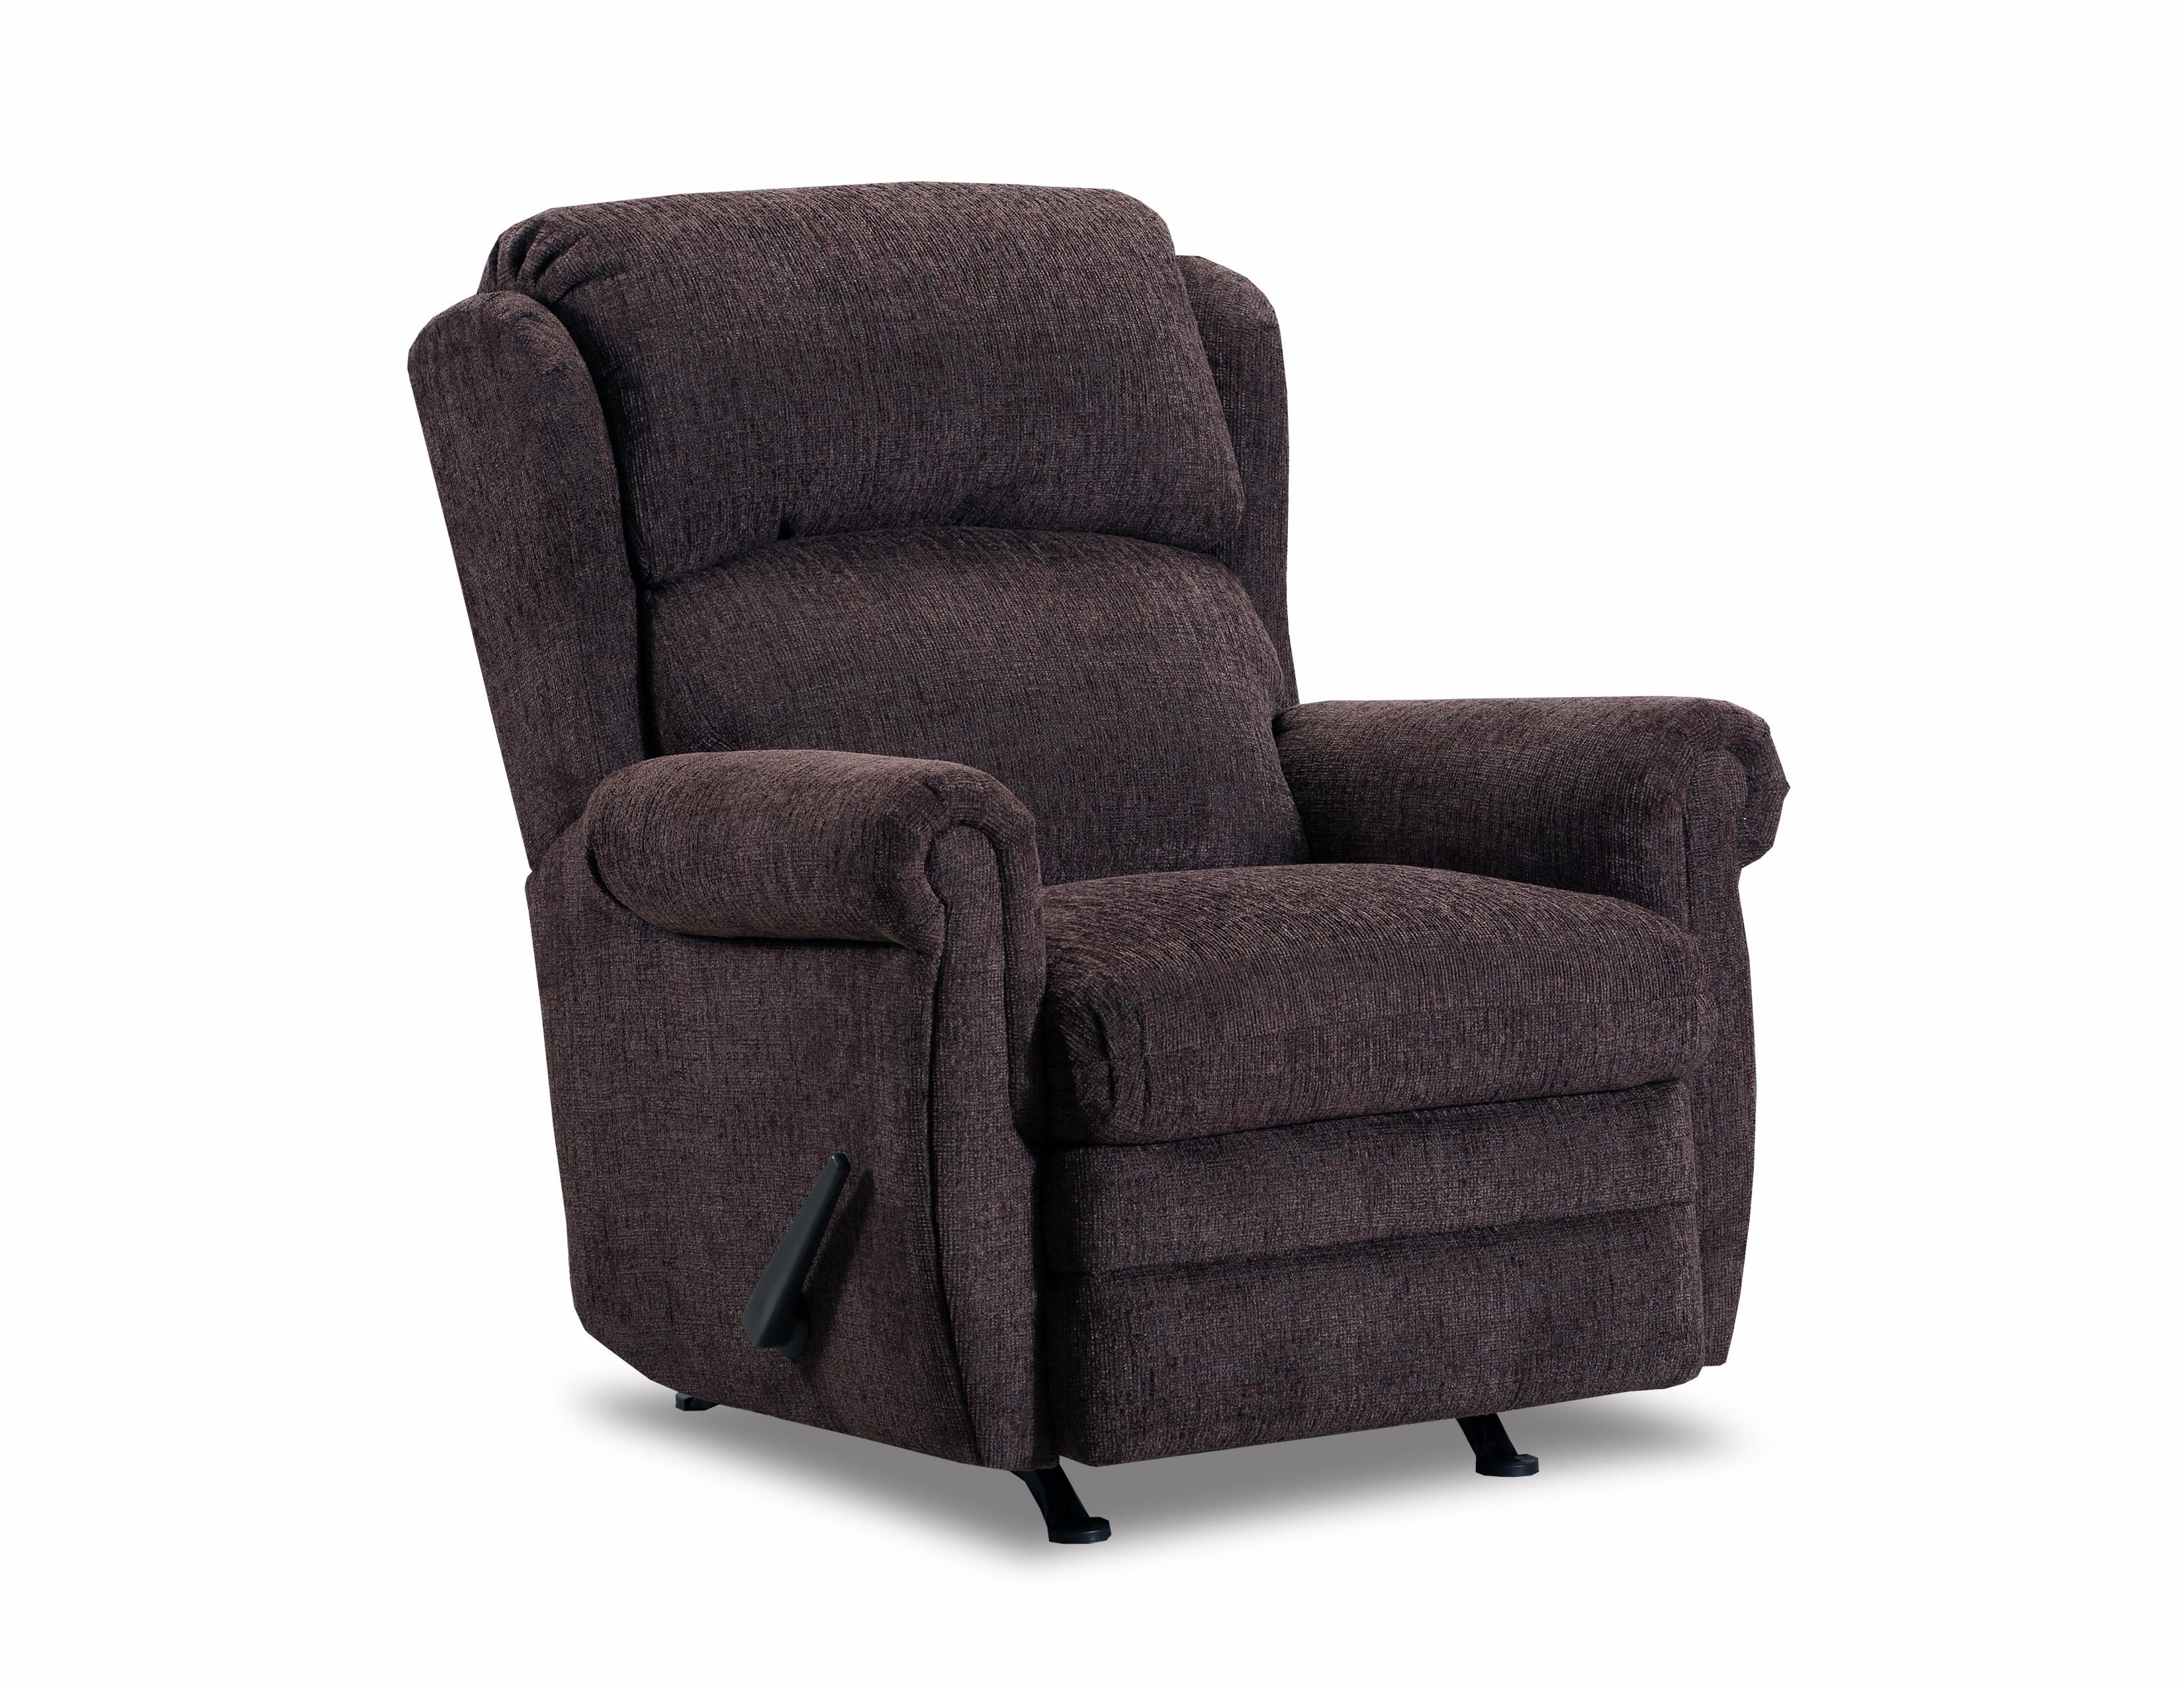 lane essentials 4226 16 kacey chocolate swivel glider recliner